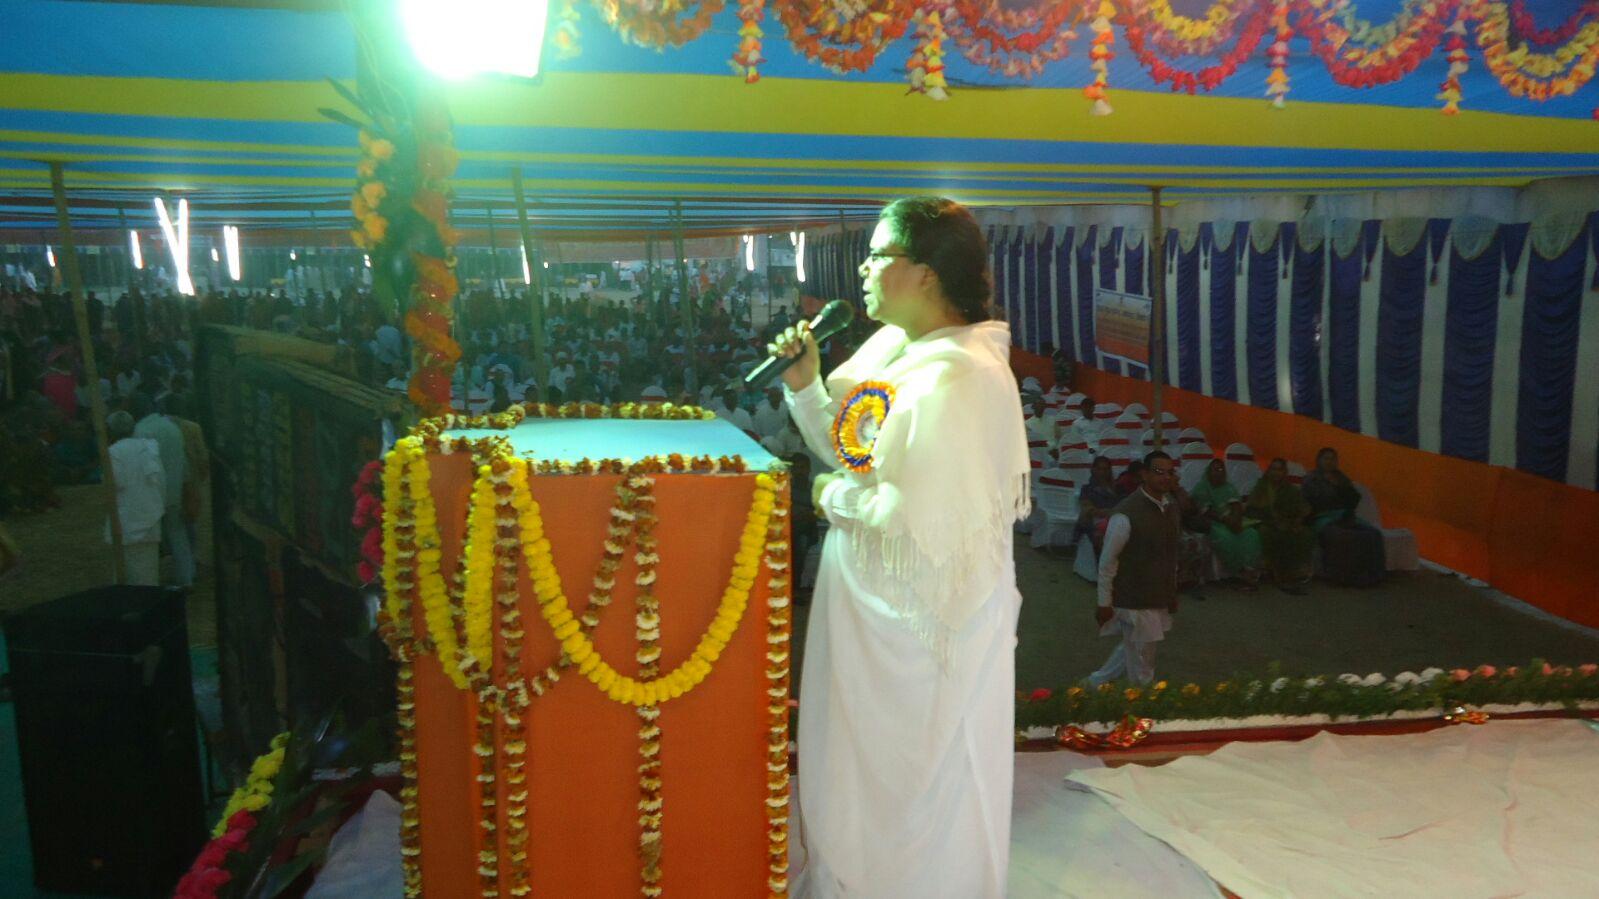 BK Ranju Addressing Sarv Dharma Maha Sammelan at Singheshwar Madhepura.